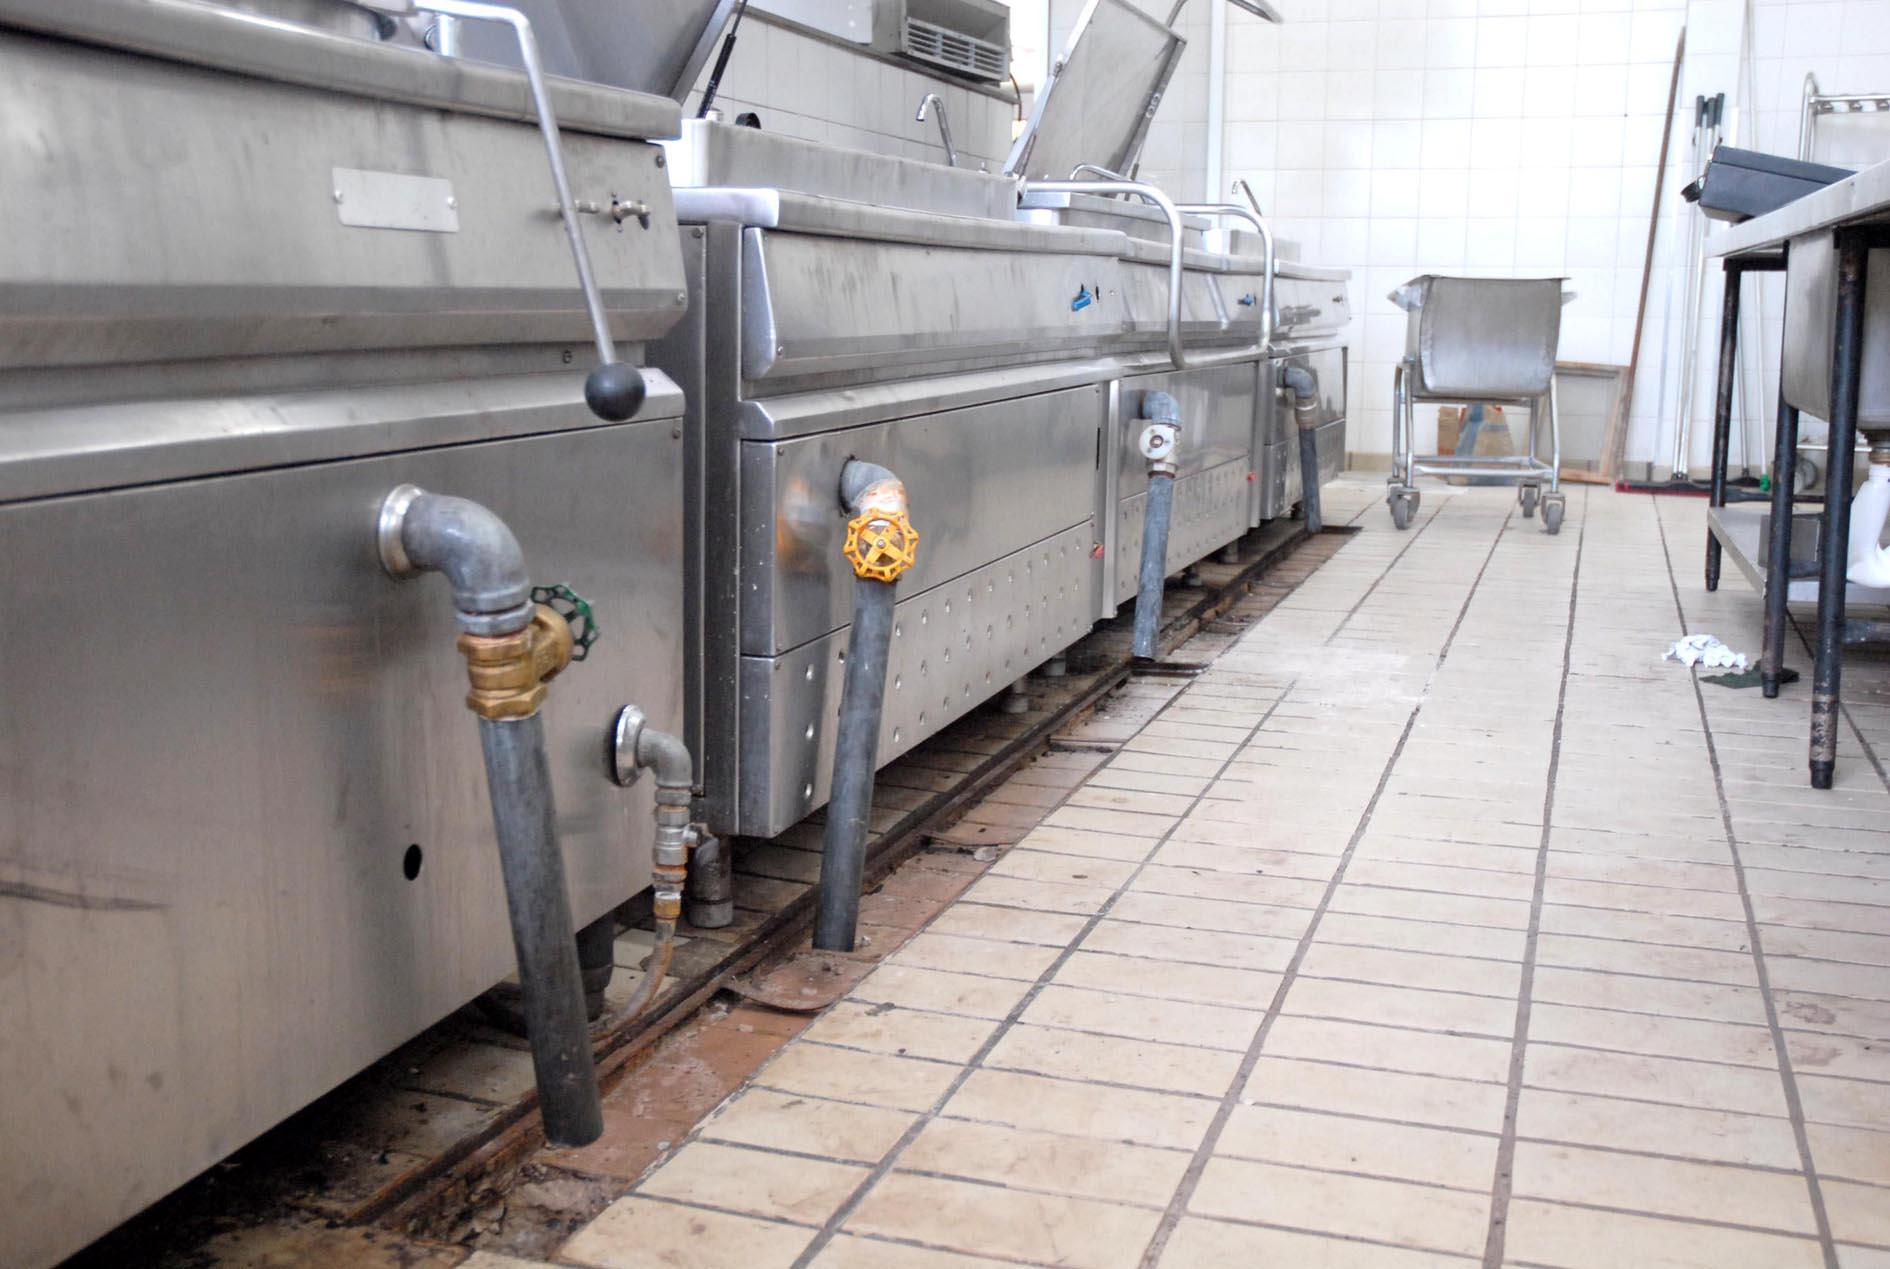 de drenagem de água da cozinha industrial estão sendo refeitas #81634A 1890 1269